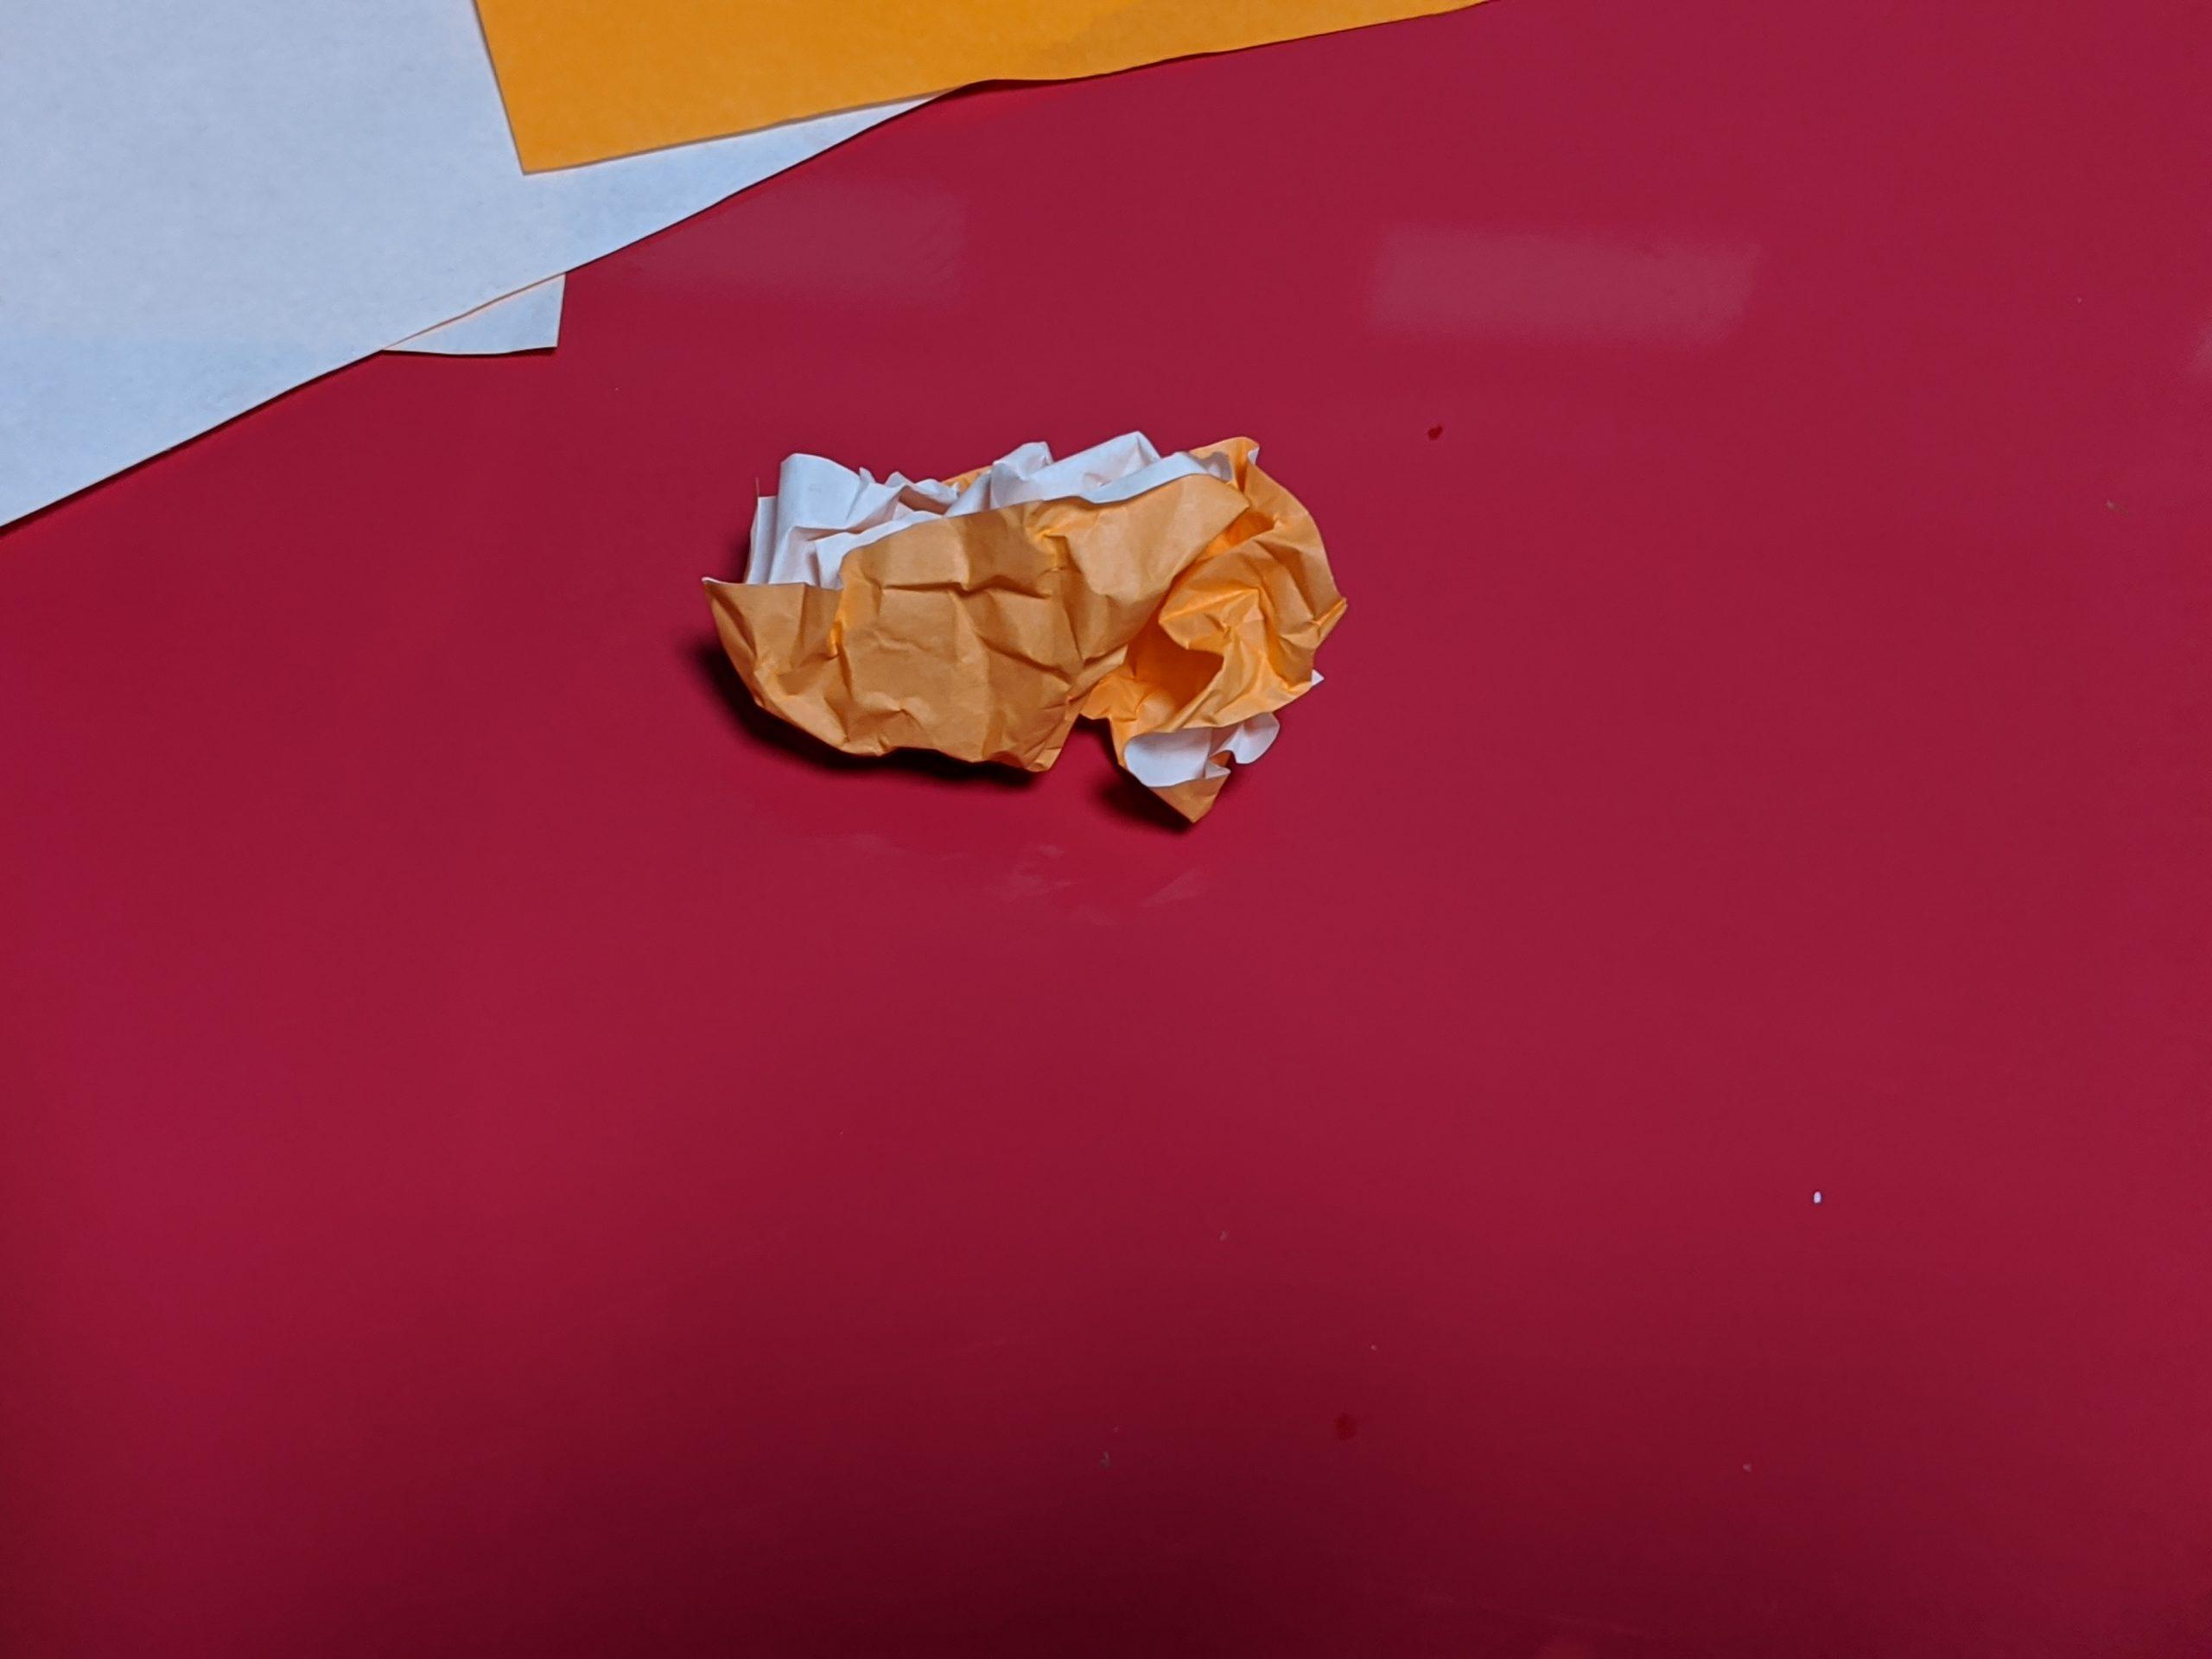 子供が折り紙を丸めたあと